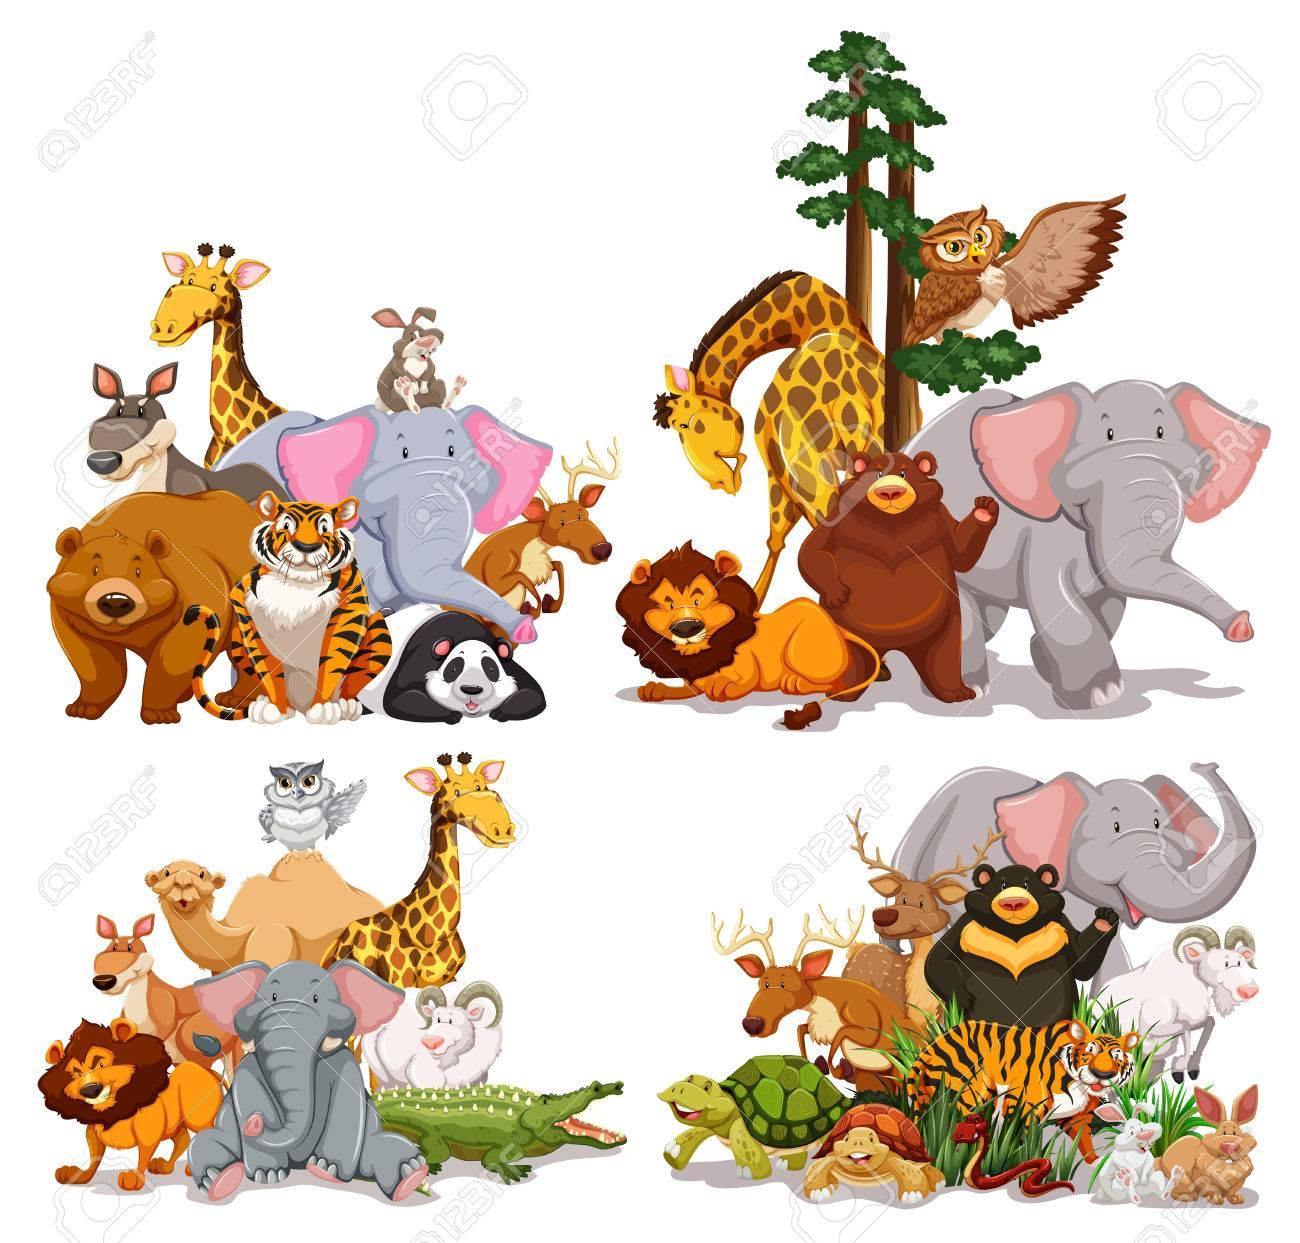 さまざまな種類の動物イラストのグループ ロイヤリティフリークリップ